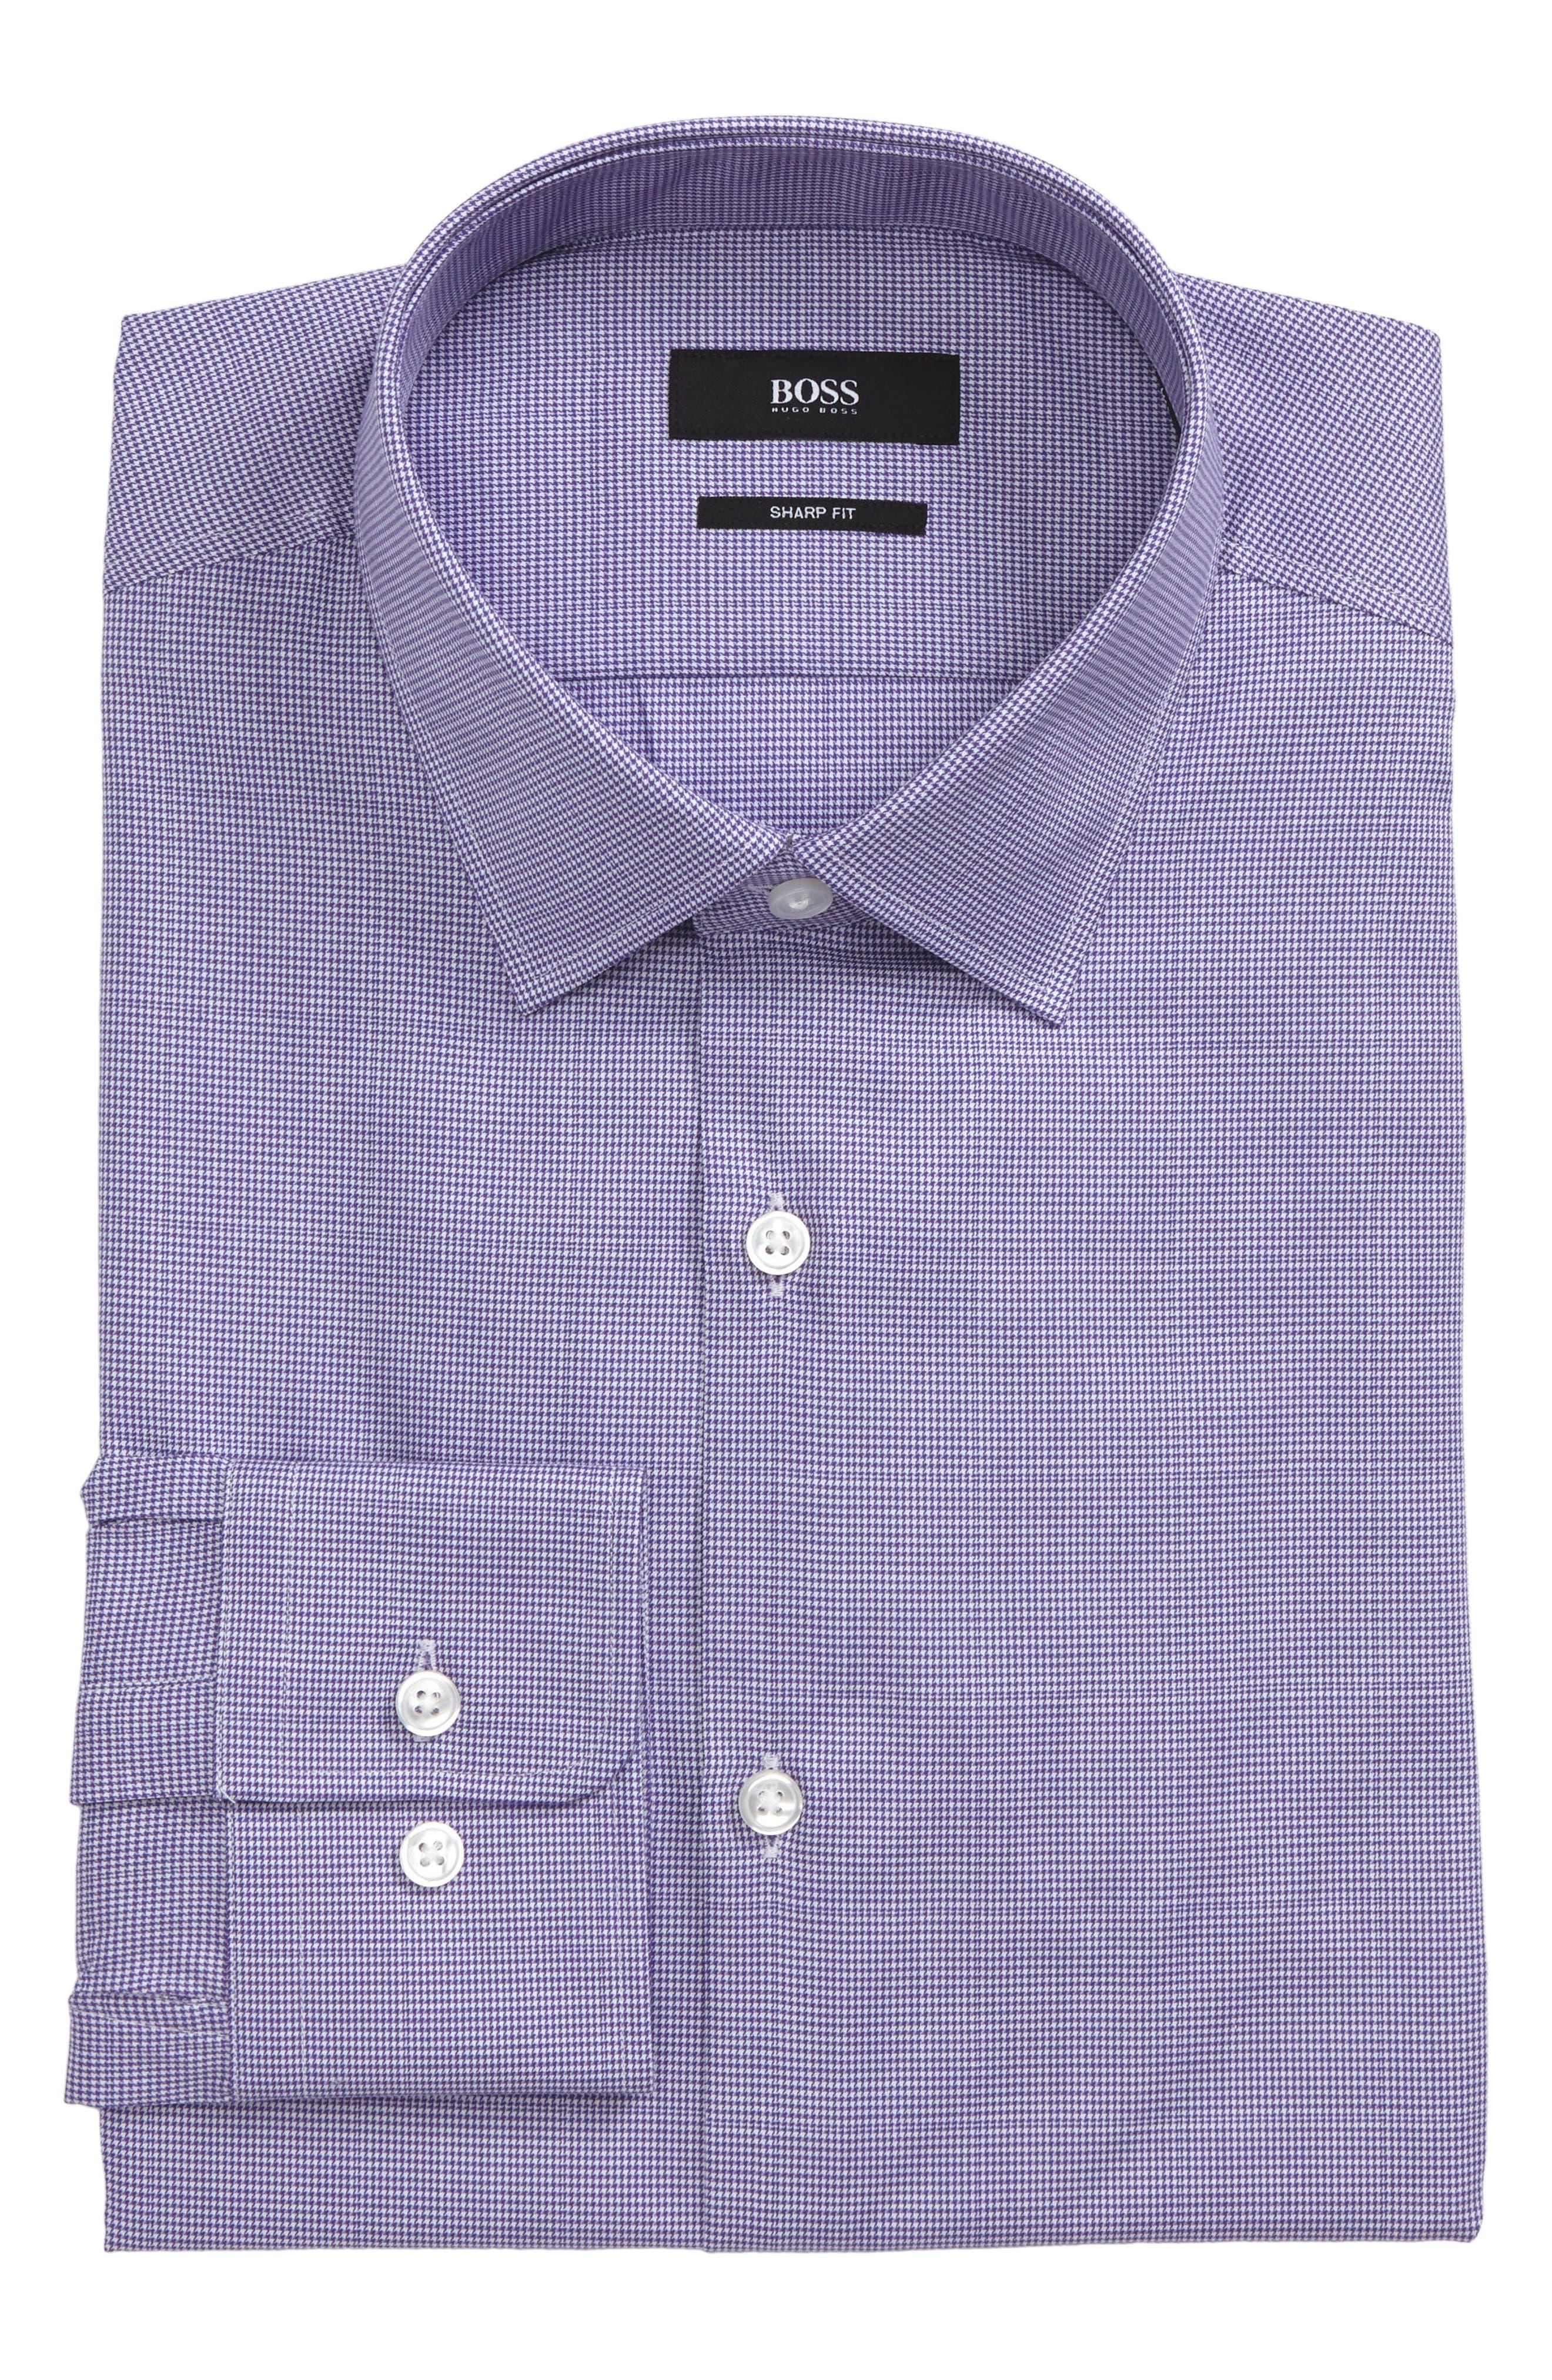 BOSS Marley Sharp Fit Microcheck Dress Shirt